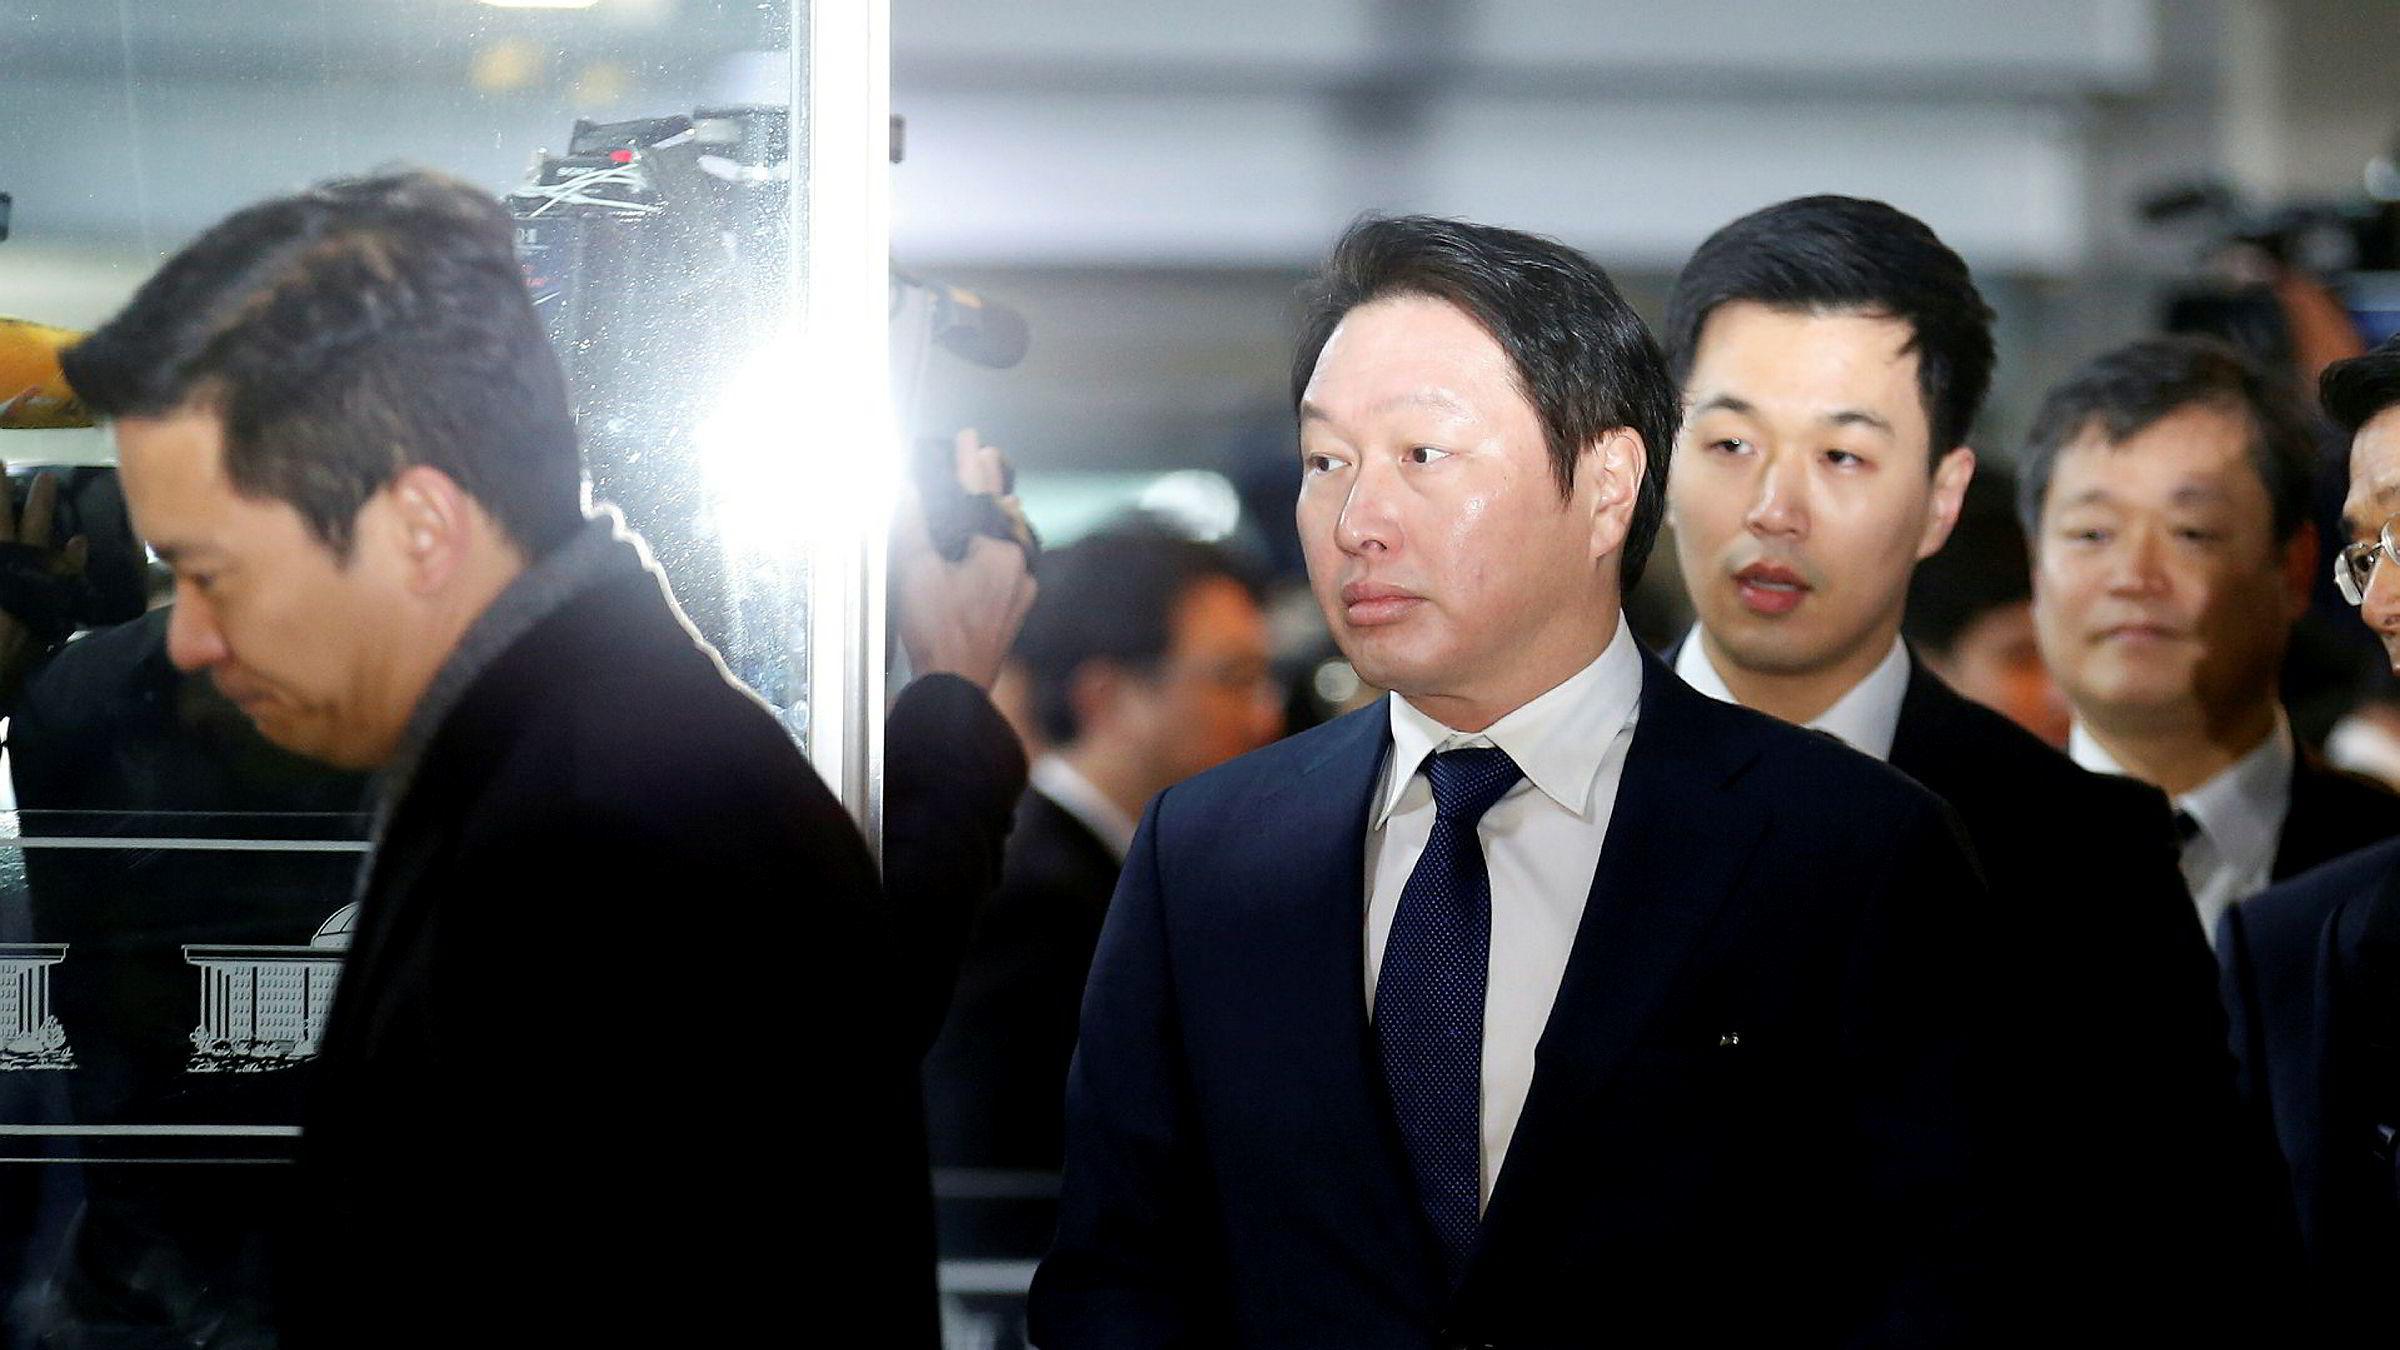 Styreformann Chey Tae-won i sørkoreanske SK Group har ønsket skilsmisse fra sin kone i flere år. Nå gir hun etter – i bytte mot et skilsmisseoppgjør verdt 11 milliarder kroner. Her ankommer Chey en parlamentshøring i Seoul i 2016.